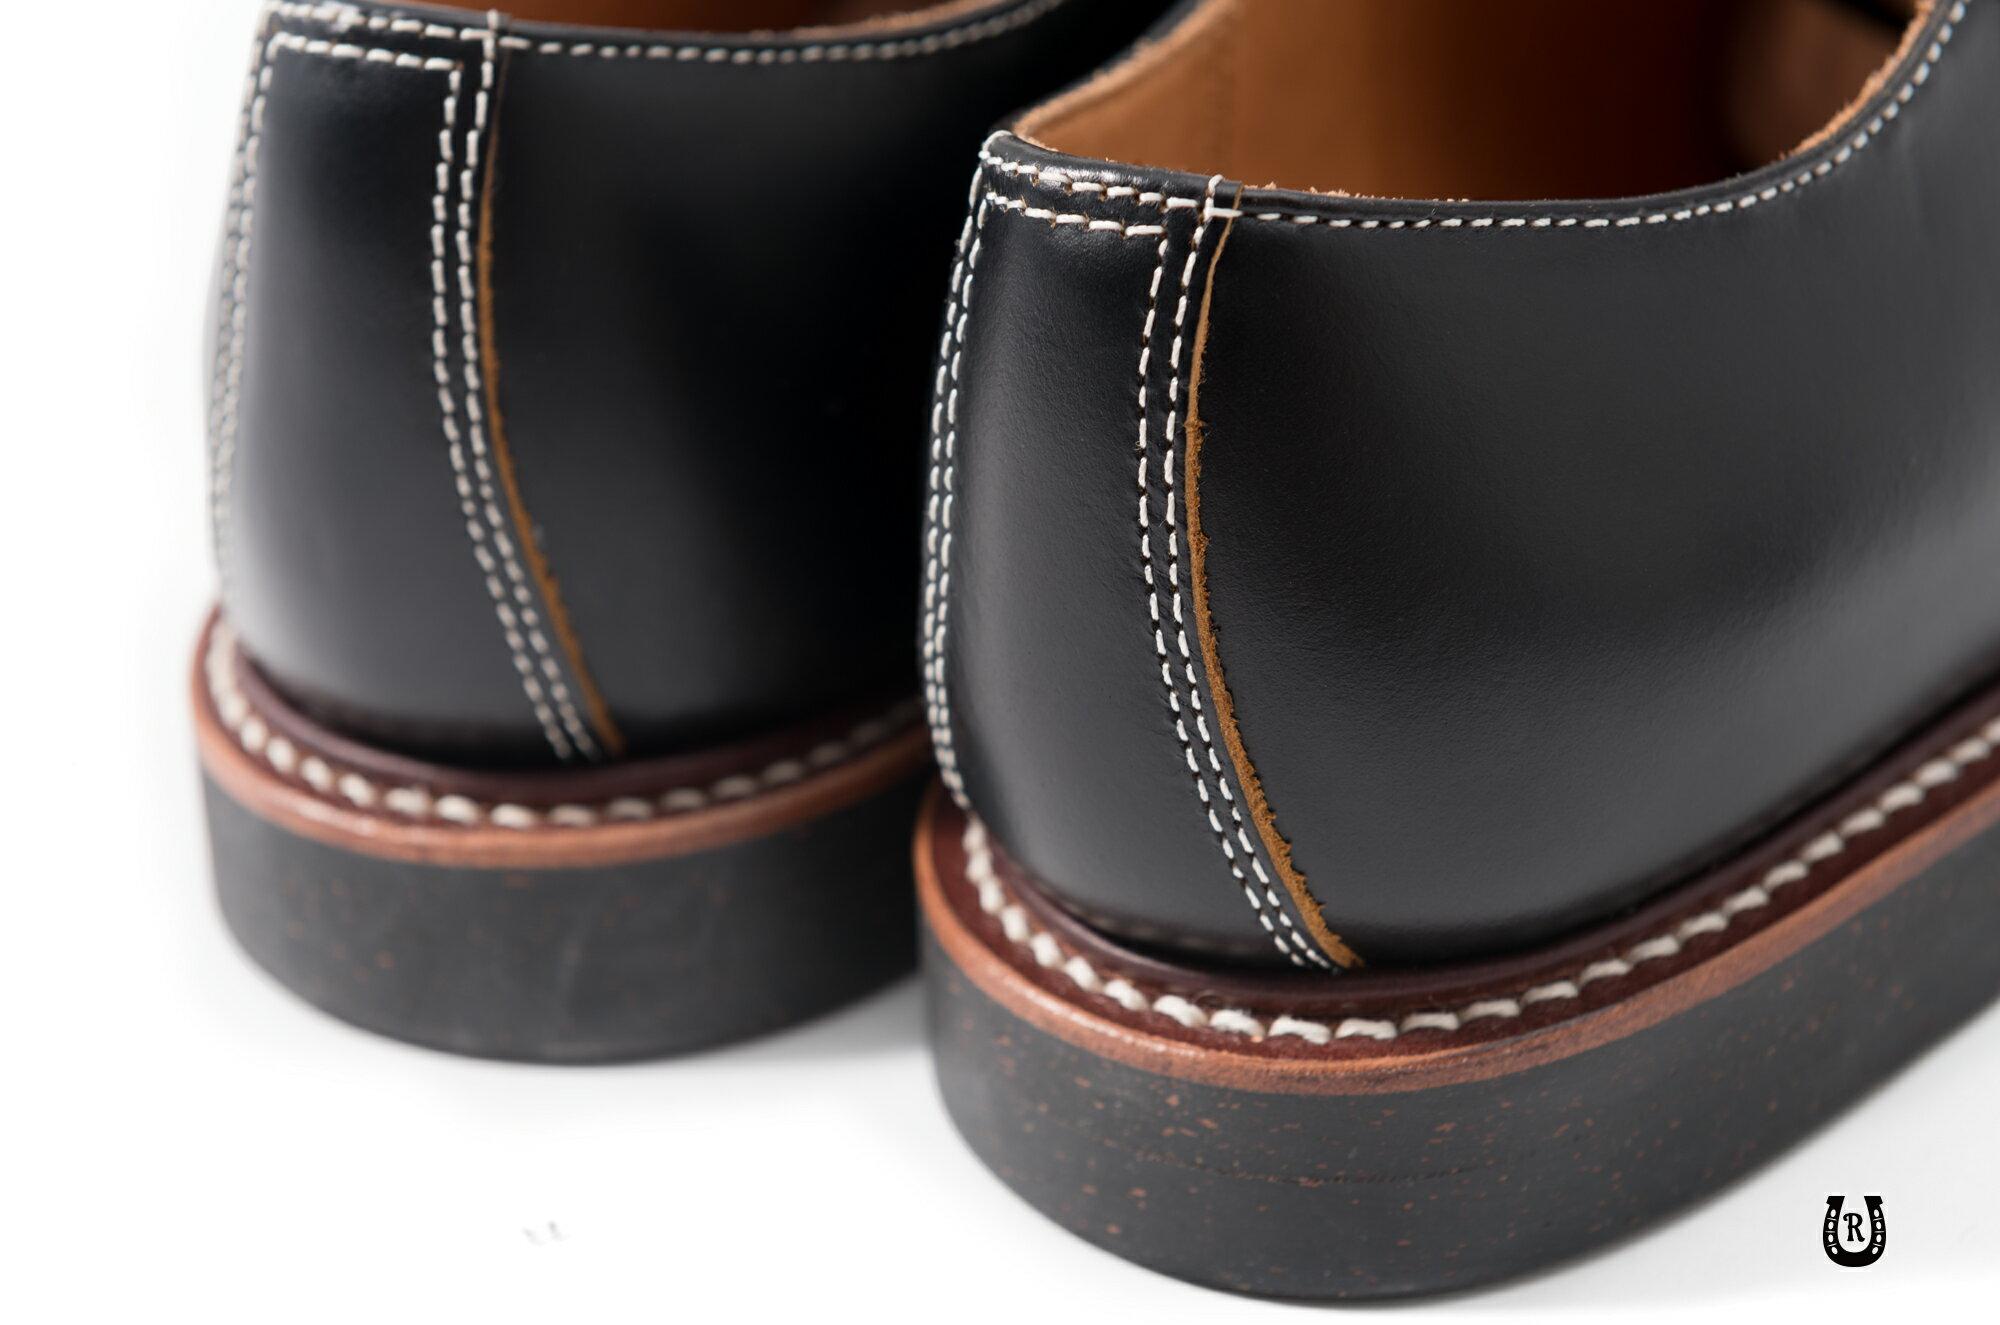 【預購八折】Retrodandy Saddle shoes 經典復古工作皮鞋 日廠Goodyear固特異手工製鞋法 4